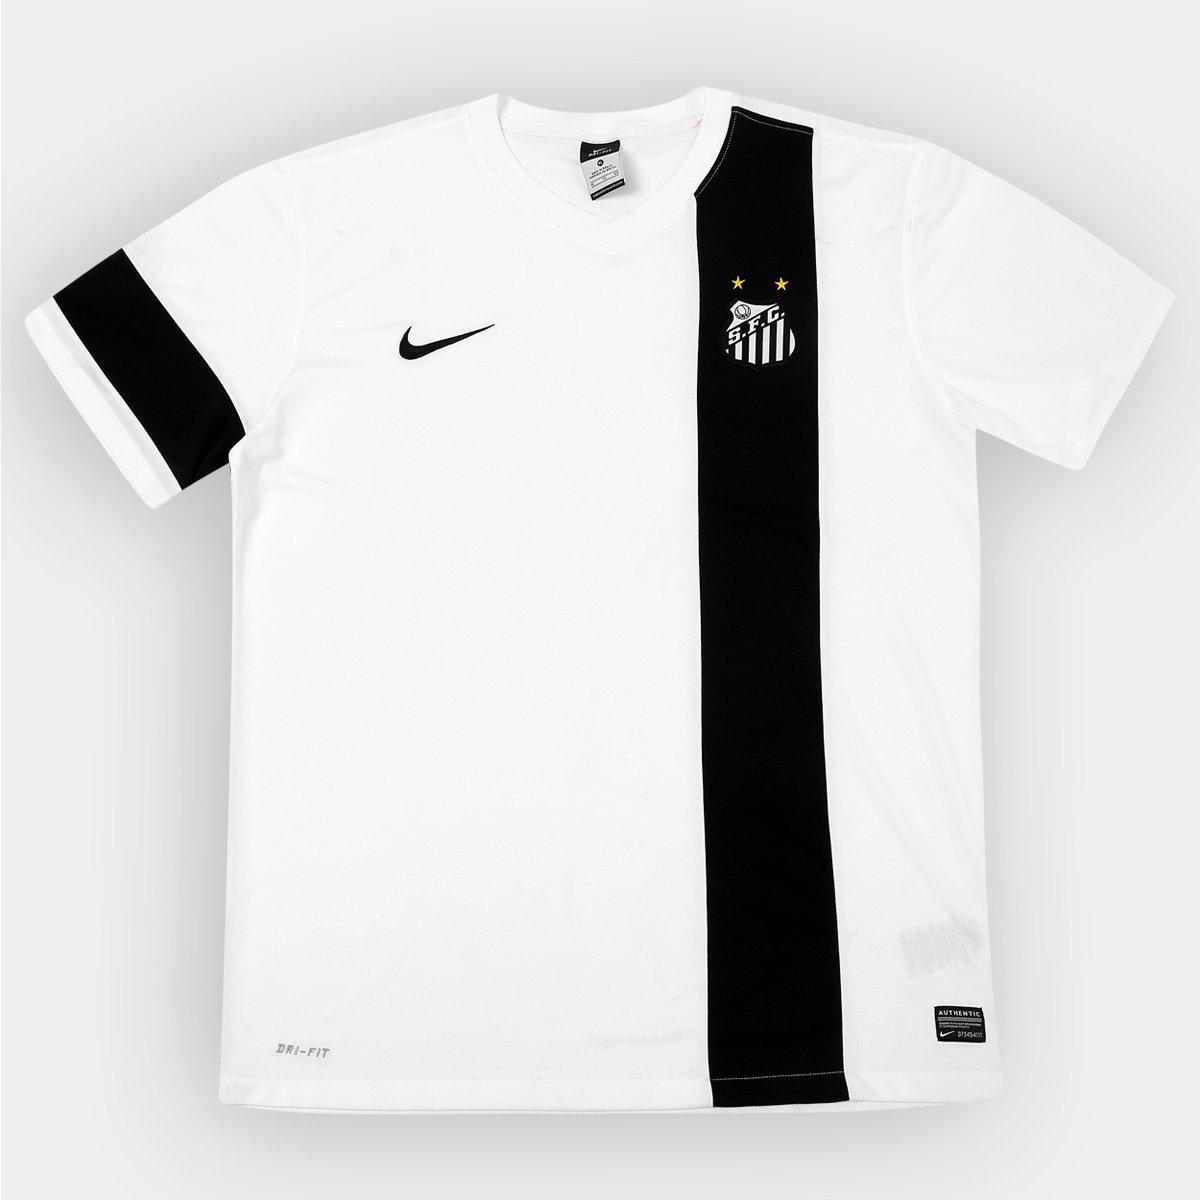 49b9000c22 Camisa Nike Santos Treino 2013 - Comissão Técnica - Compre Agora ...